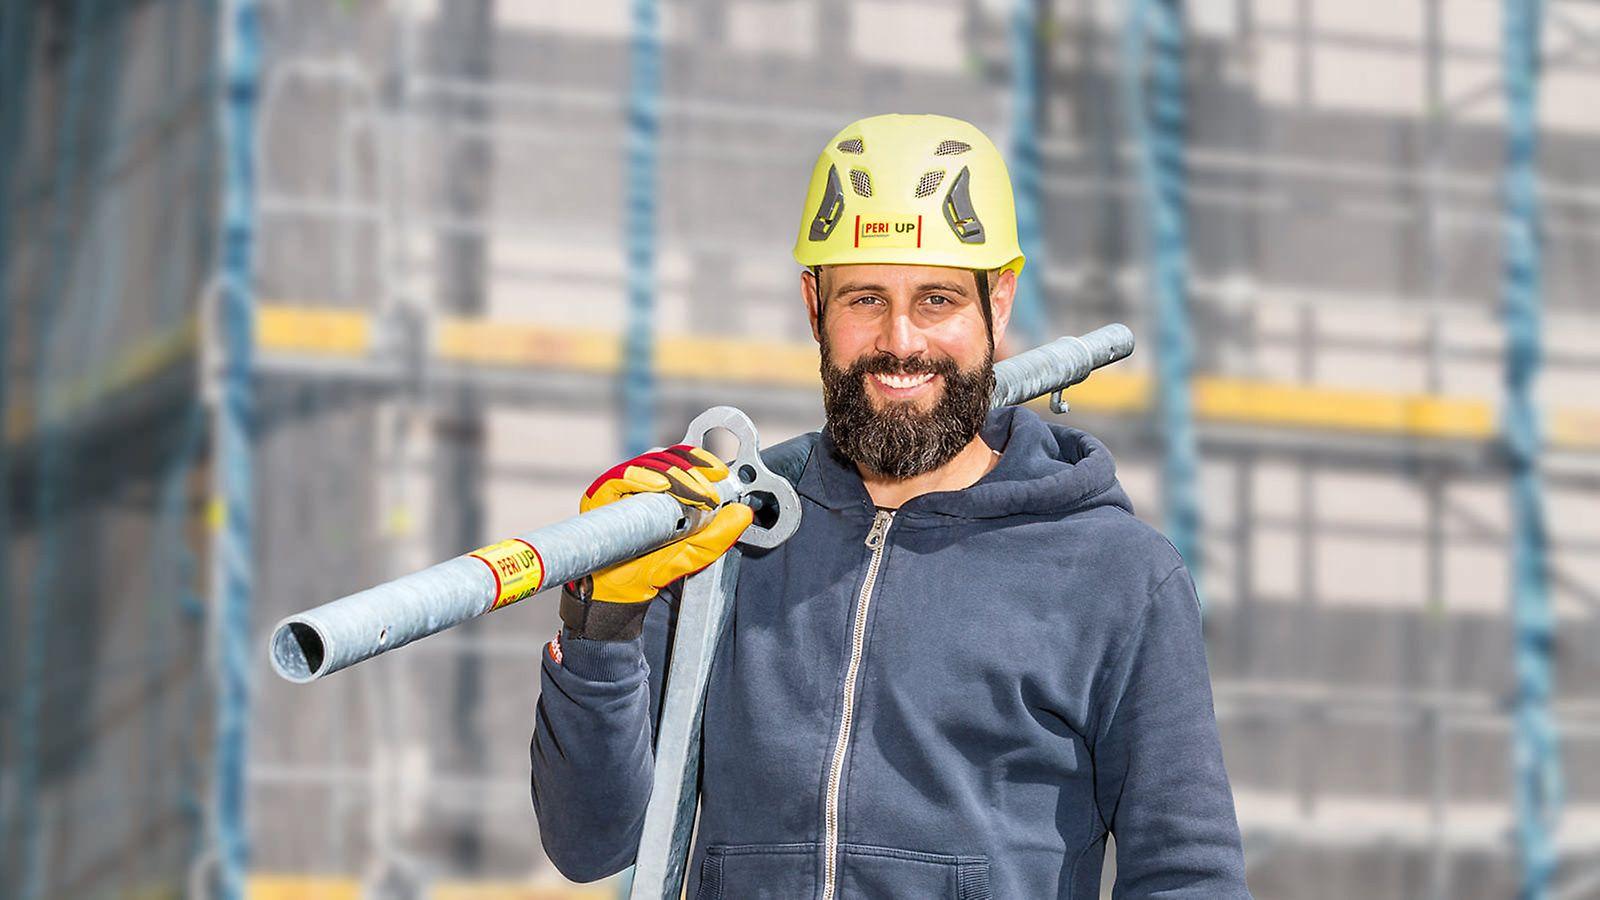 Mann trägt ein PERI UP Easy Systembauteil: schnelles Arbeiten durch geringes Gewicht